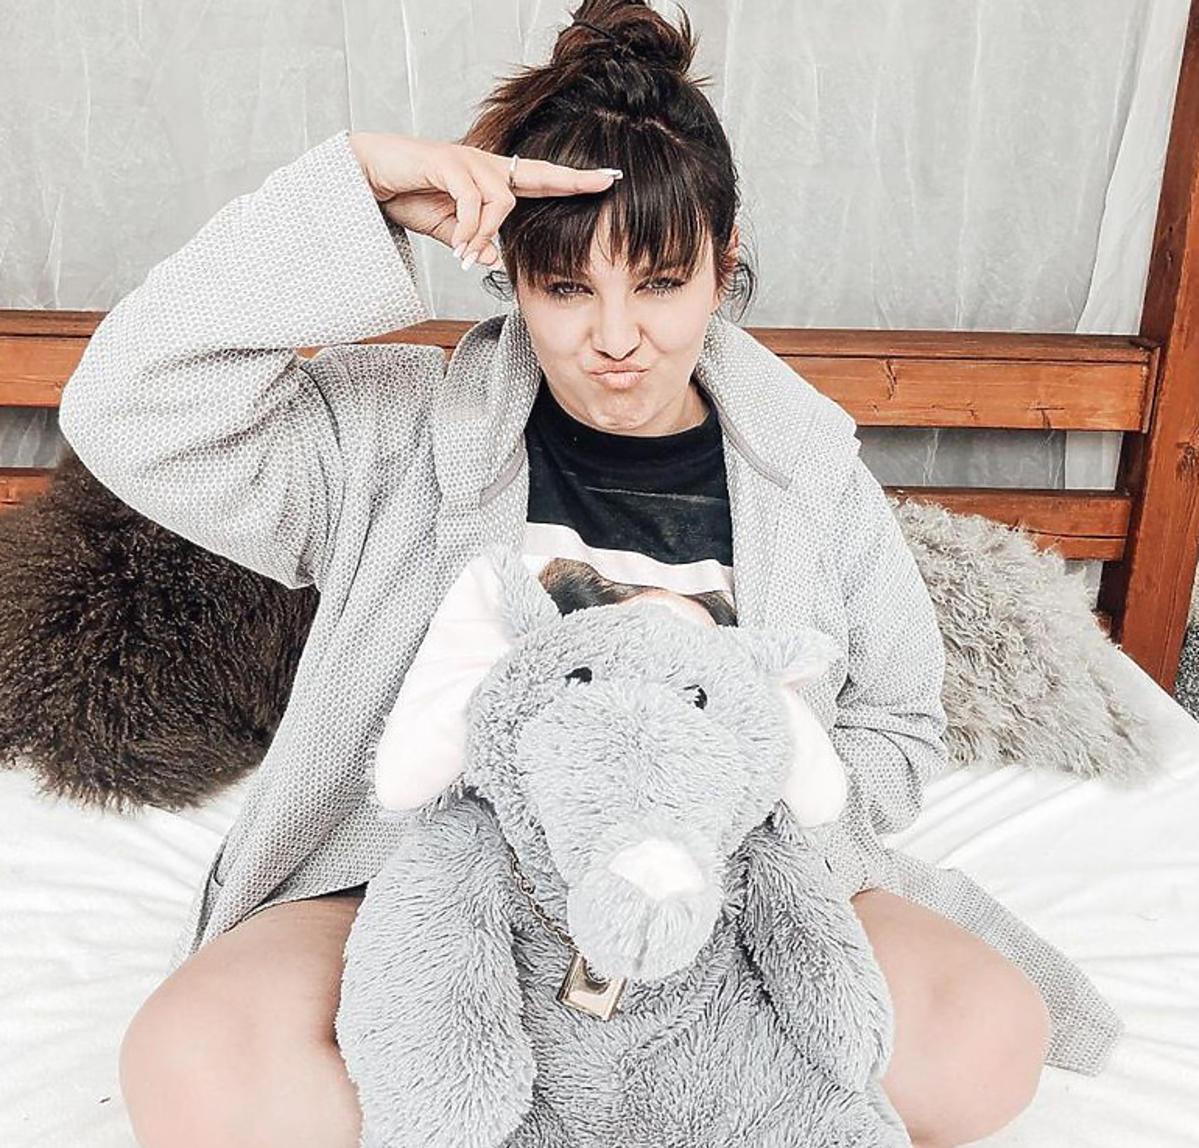 Ewa Farna na łóżku w szarej bluzie